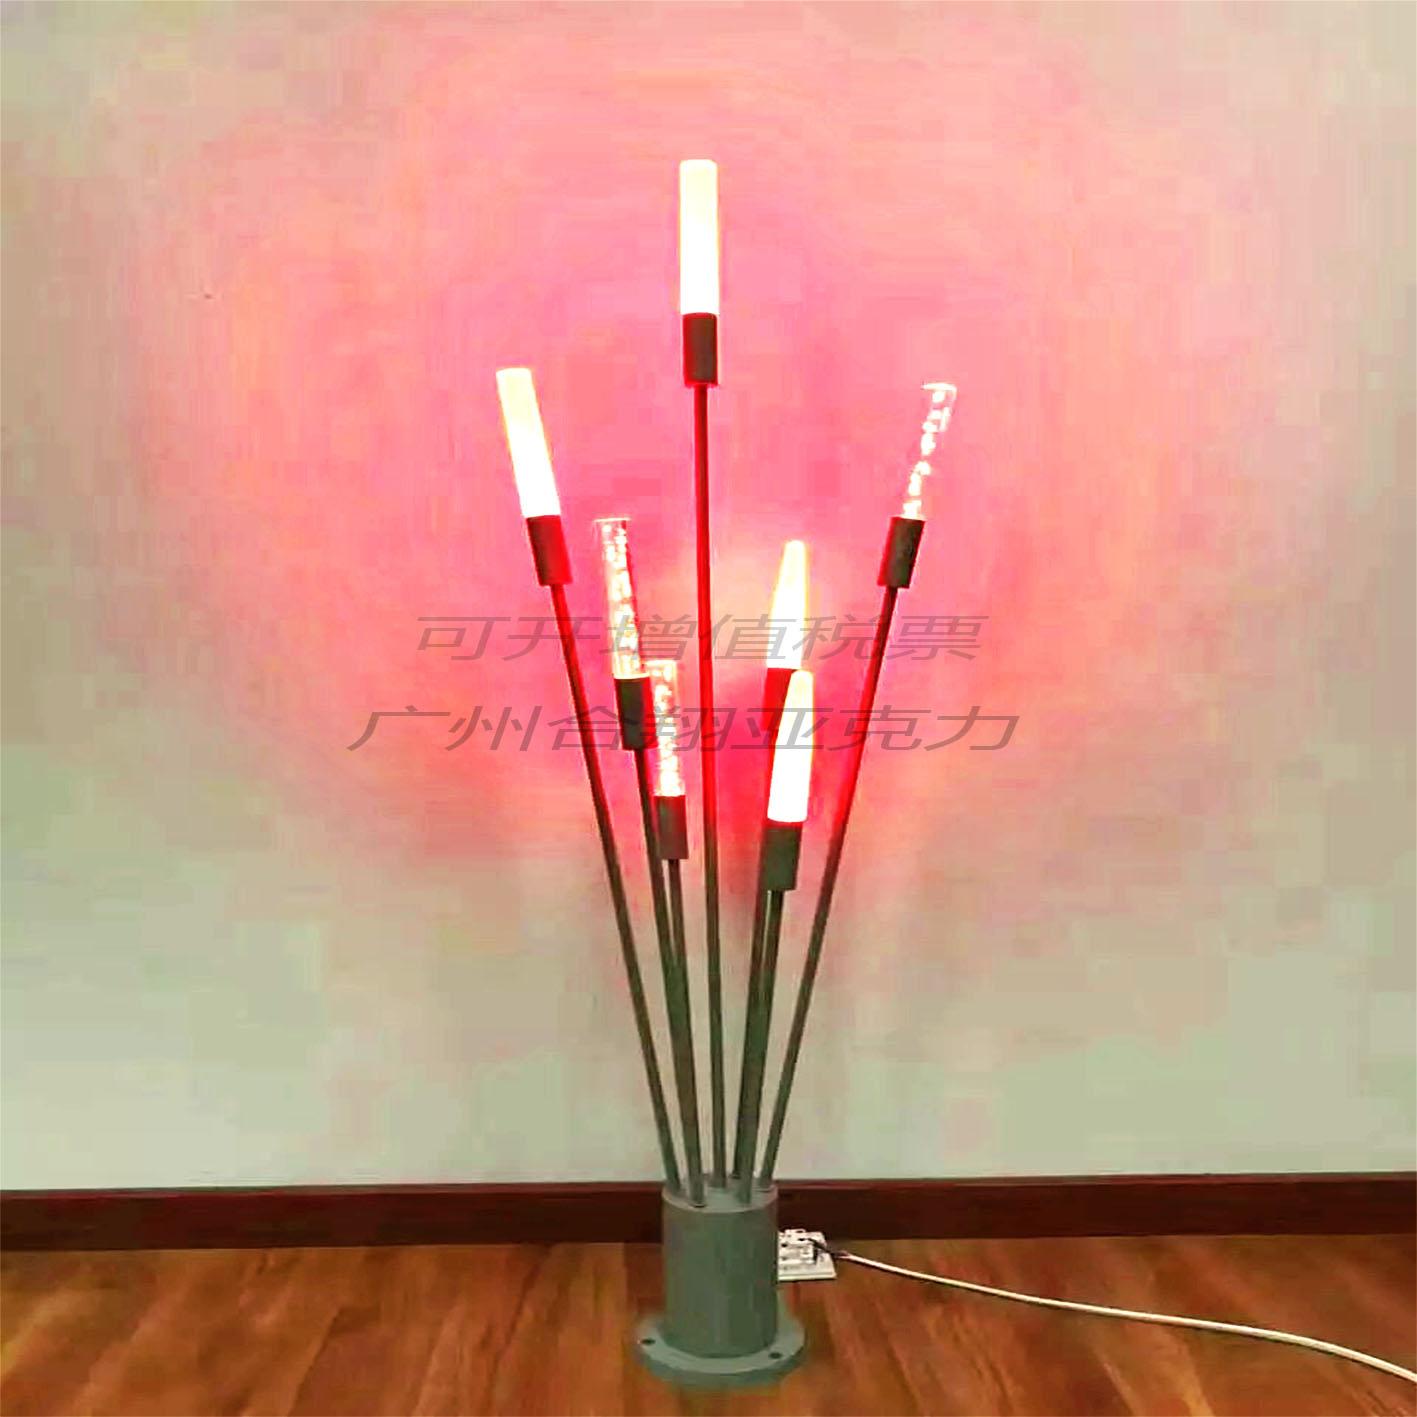 供应亚克力灯泡棒  气泡透明多颜色 有机玻璃荧光管